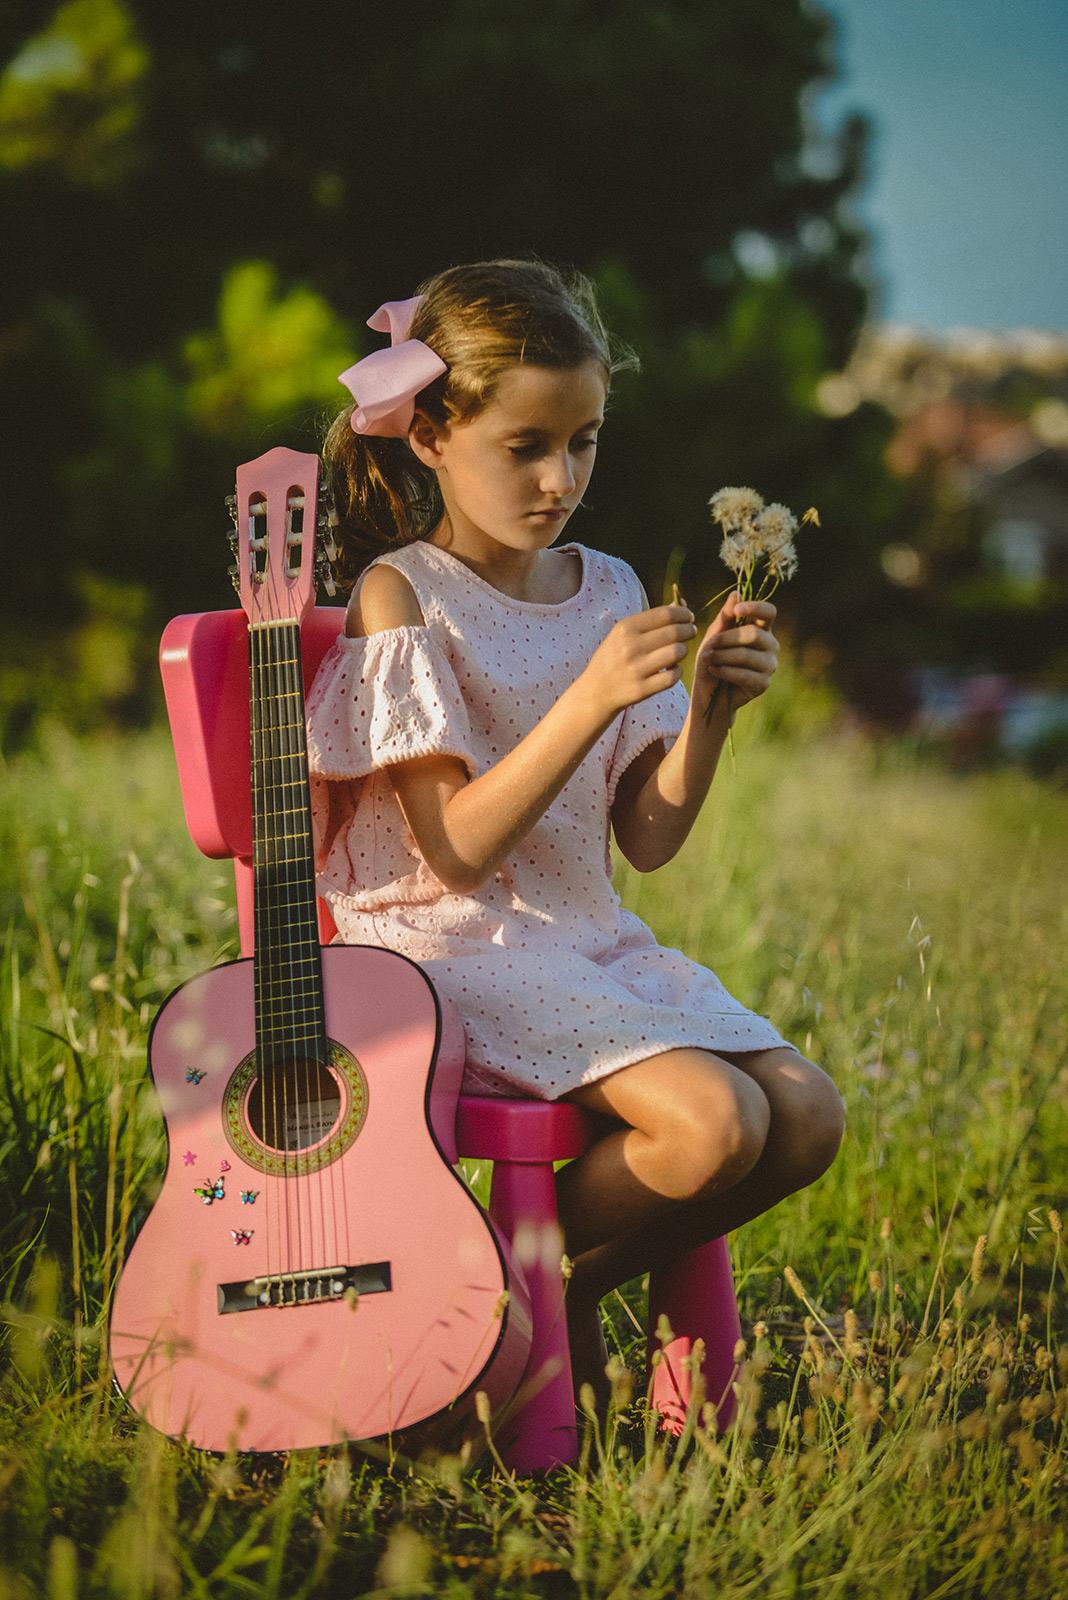 çocuk fotoğrafçısı anina studio // Kids photography, Defne Yıldırım. Photograph by Umur Dilek